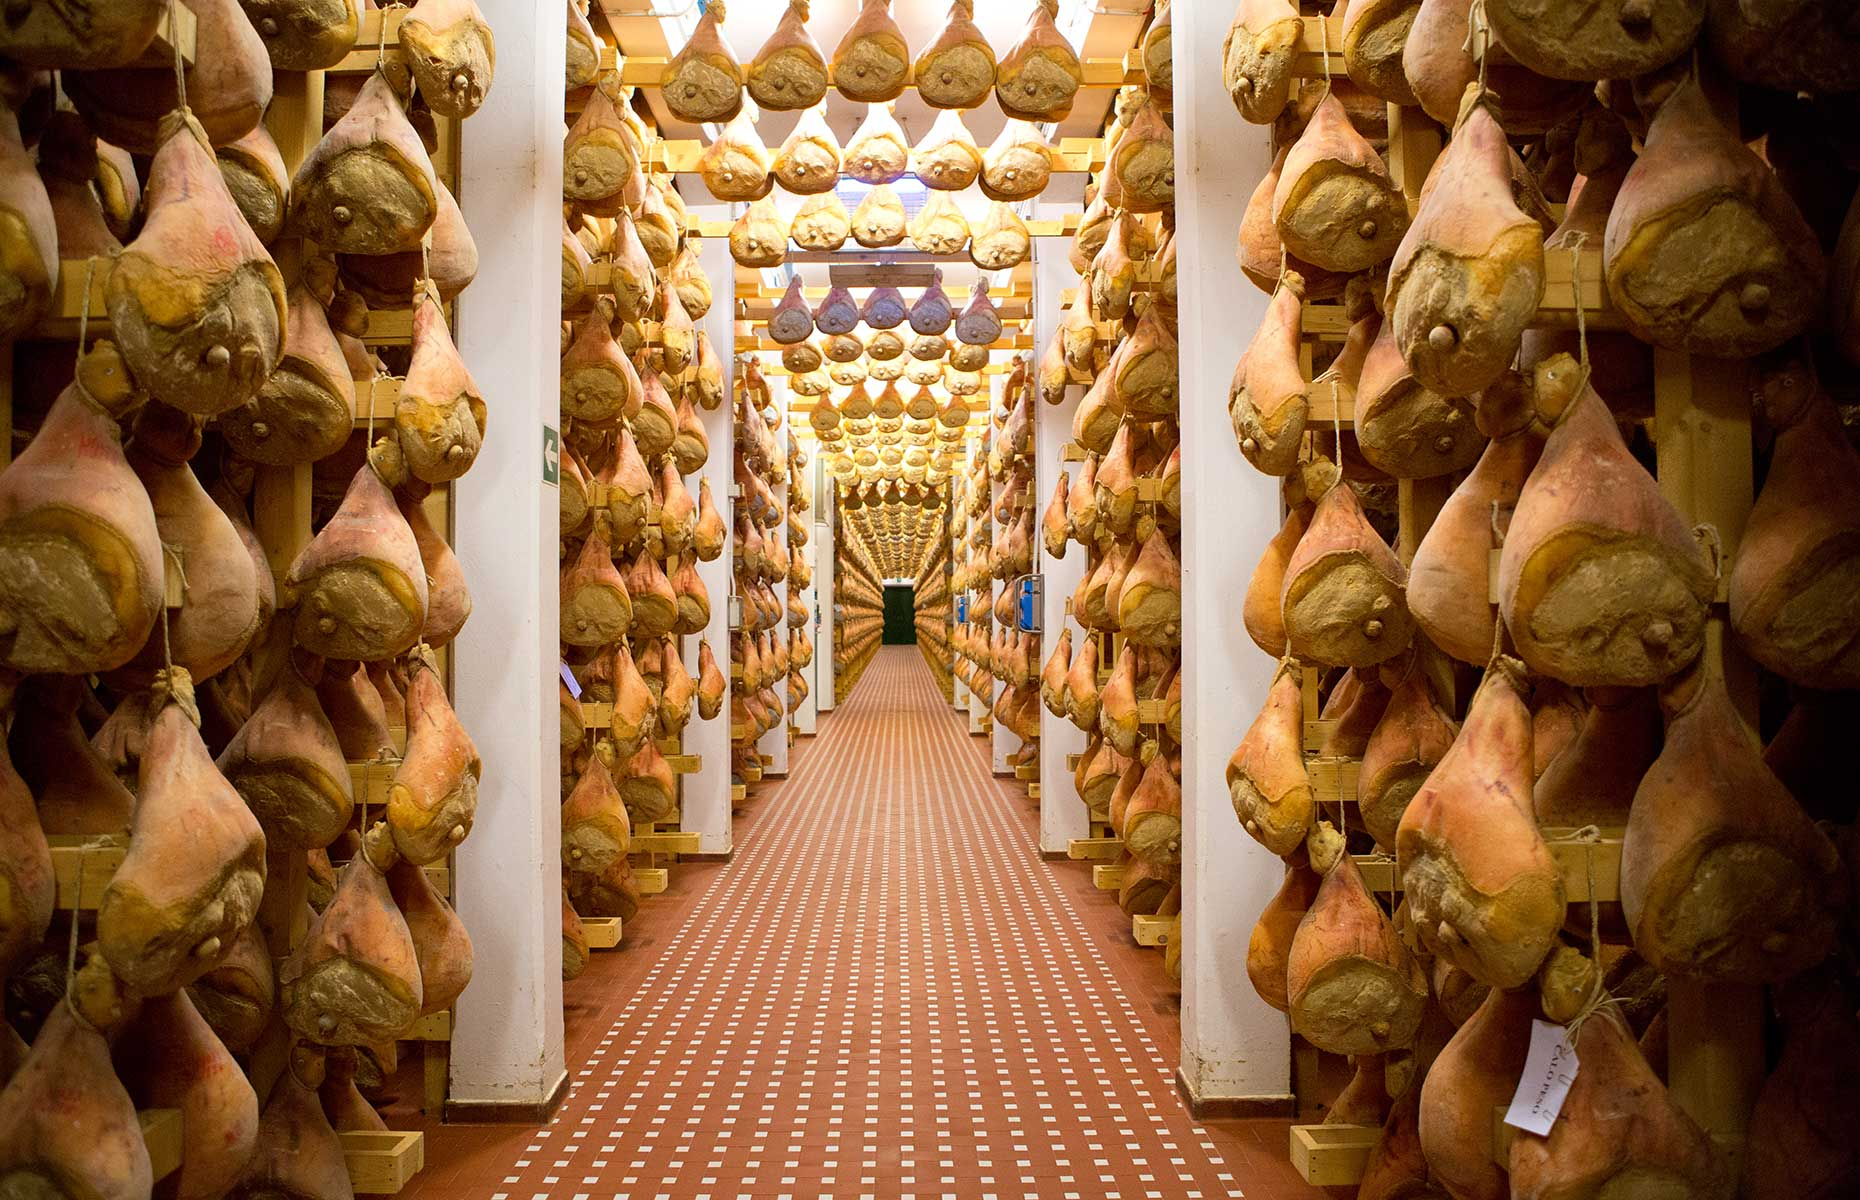 Hanging legs of Parma Ham (Image courtesy of Consorzio del Prosciutto di Parma)